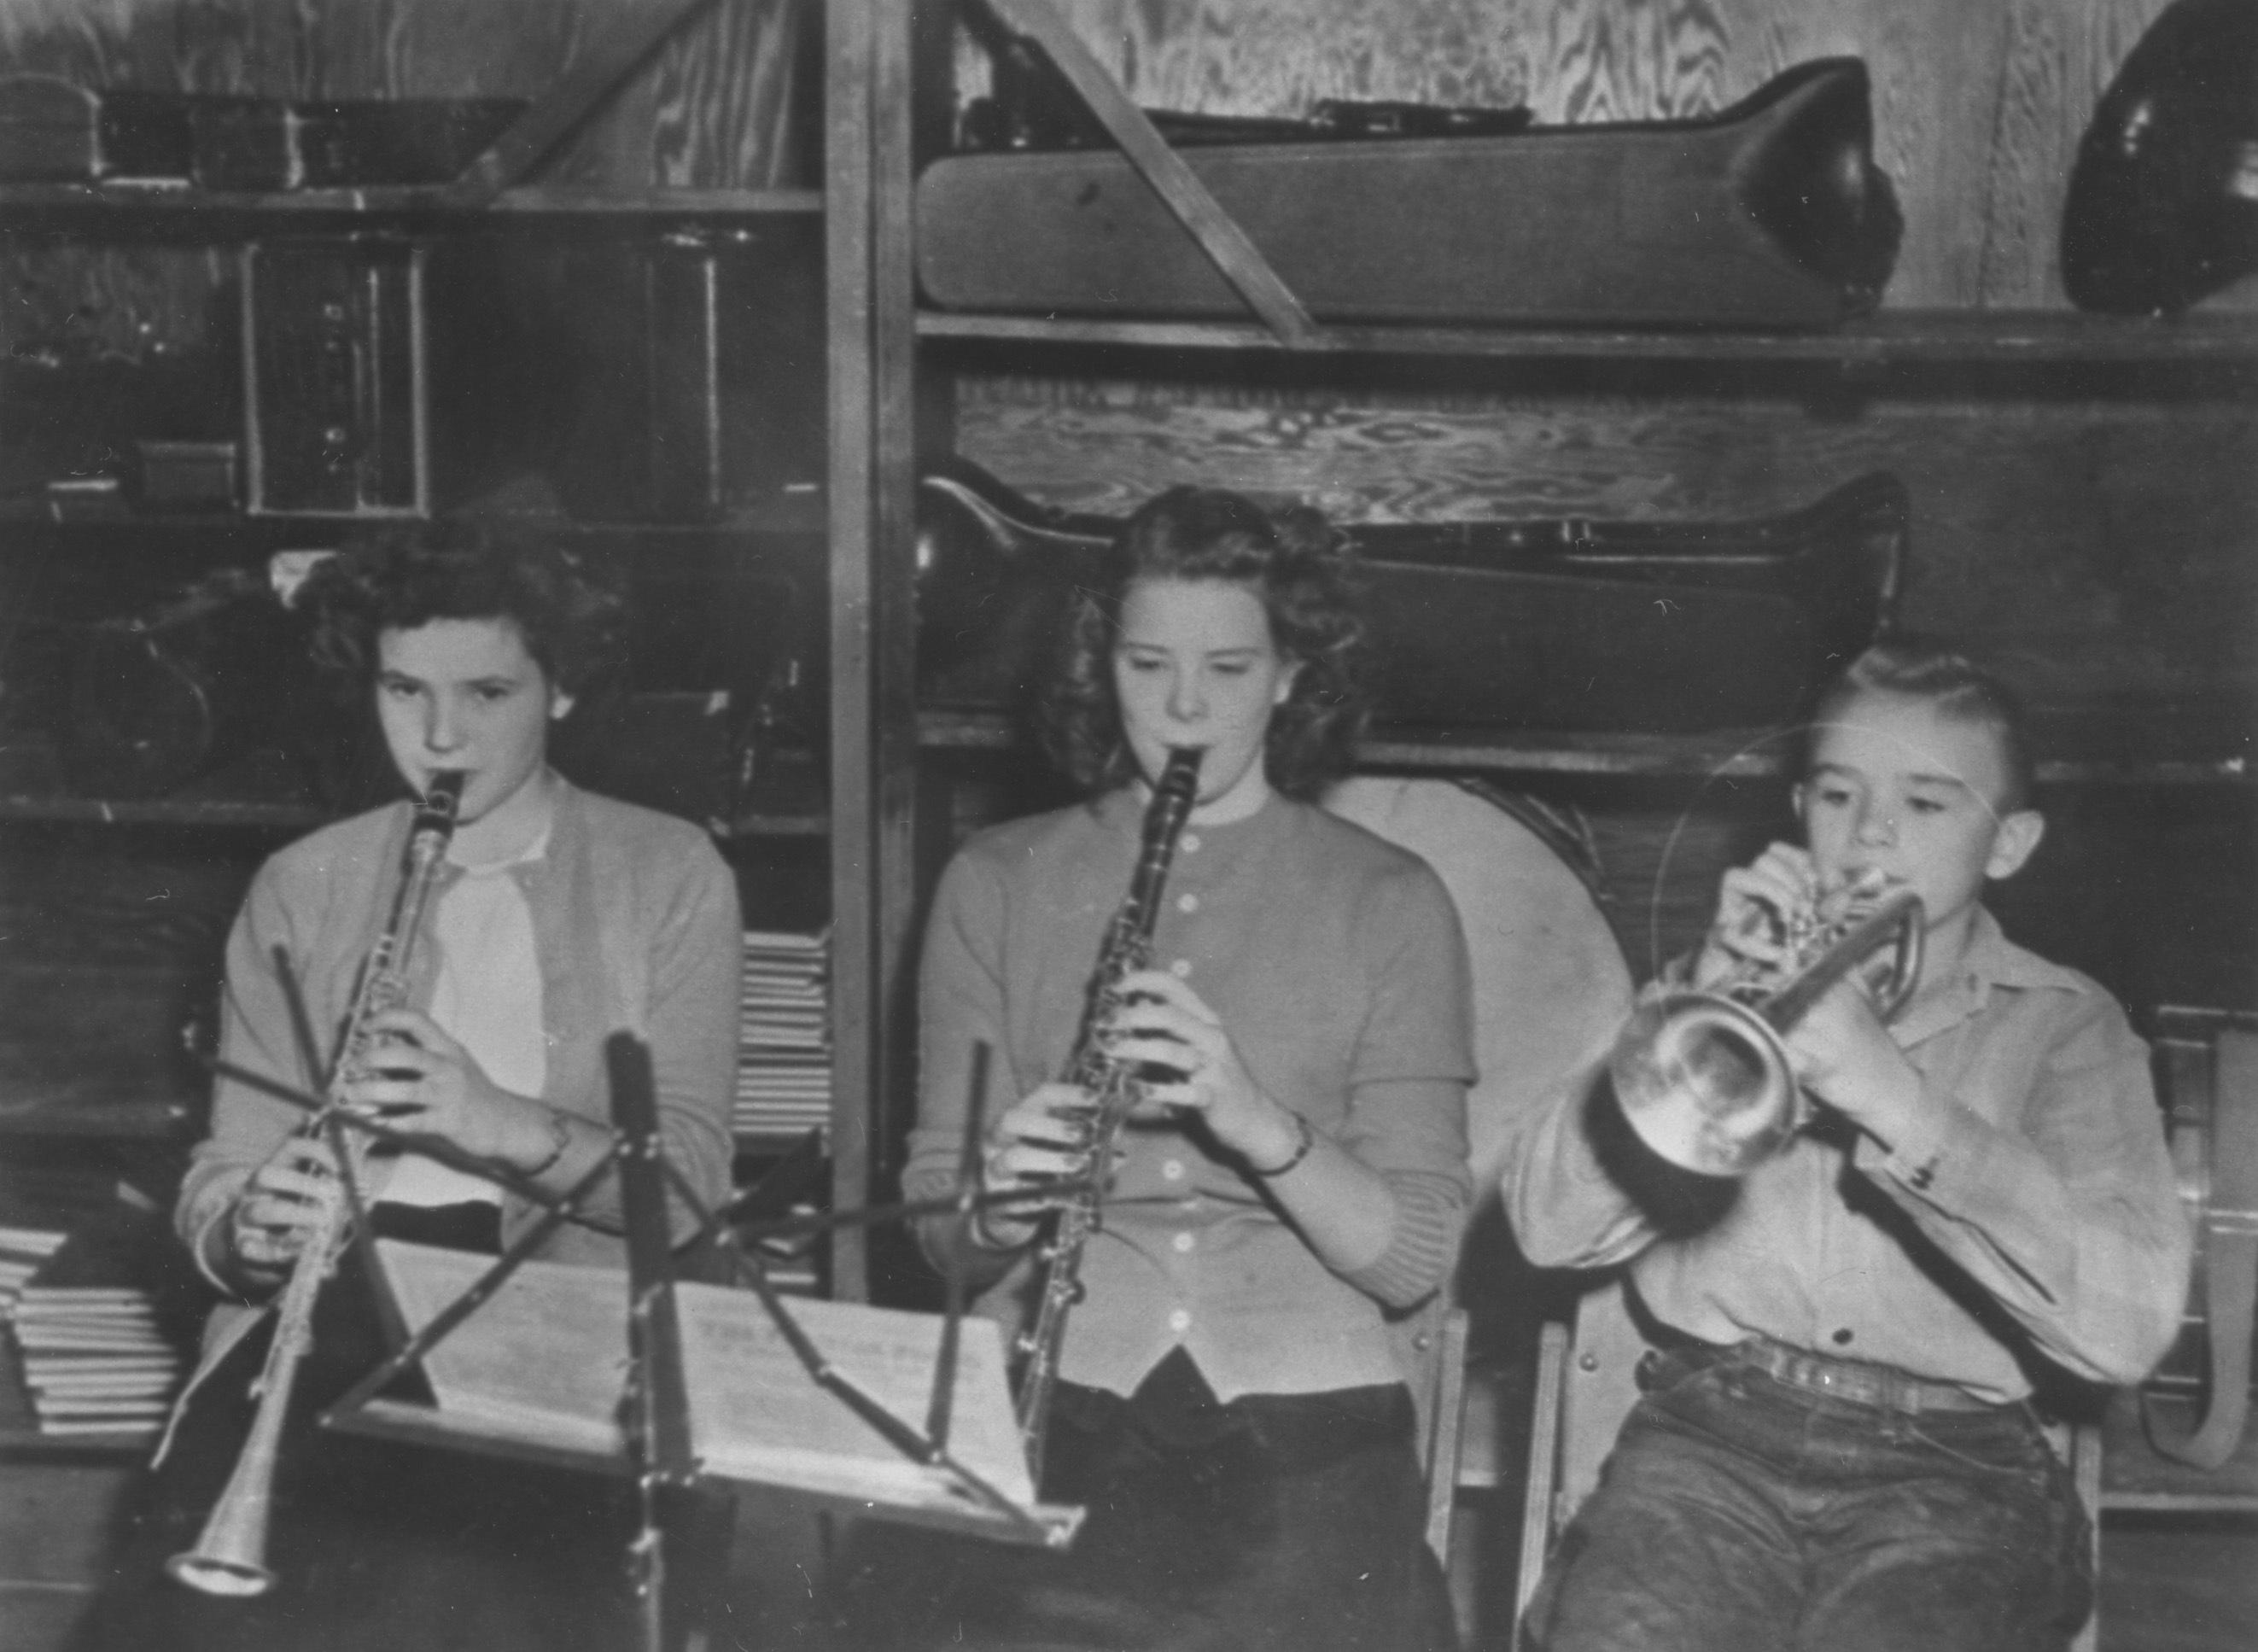 Cheney High School Band members, Cheney, Kansas